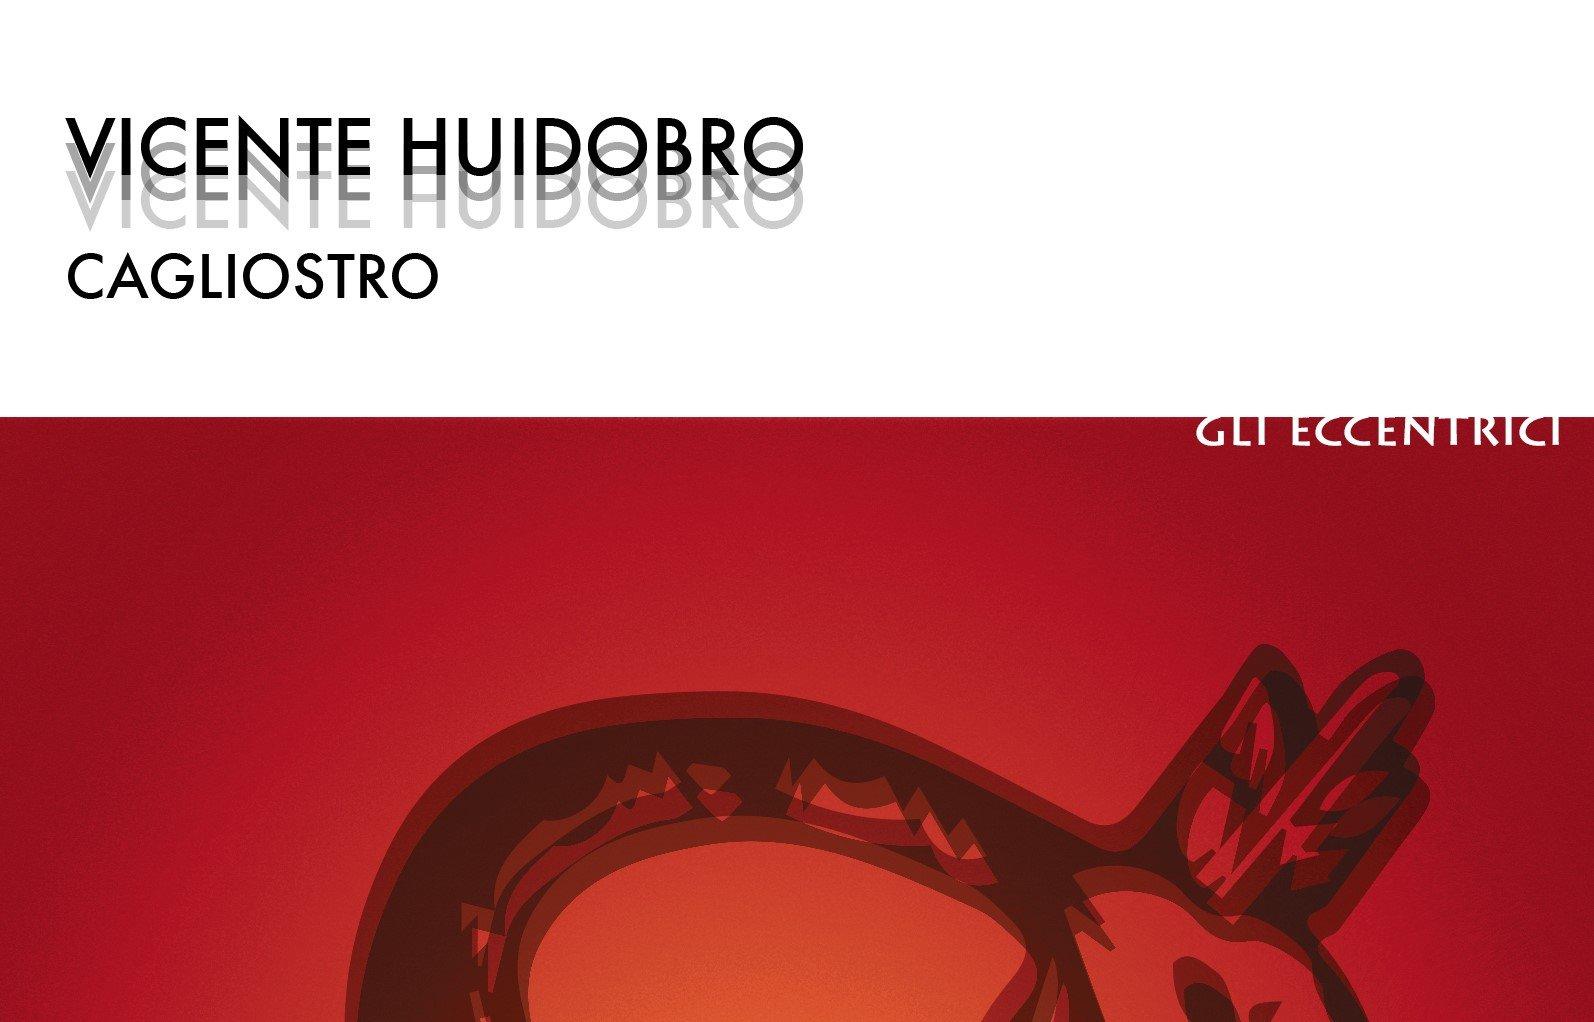 Estratto da Cagliostro, di Vicente Huidobro